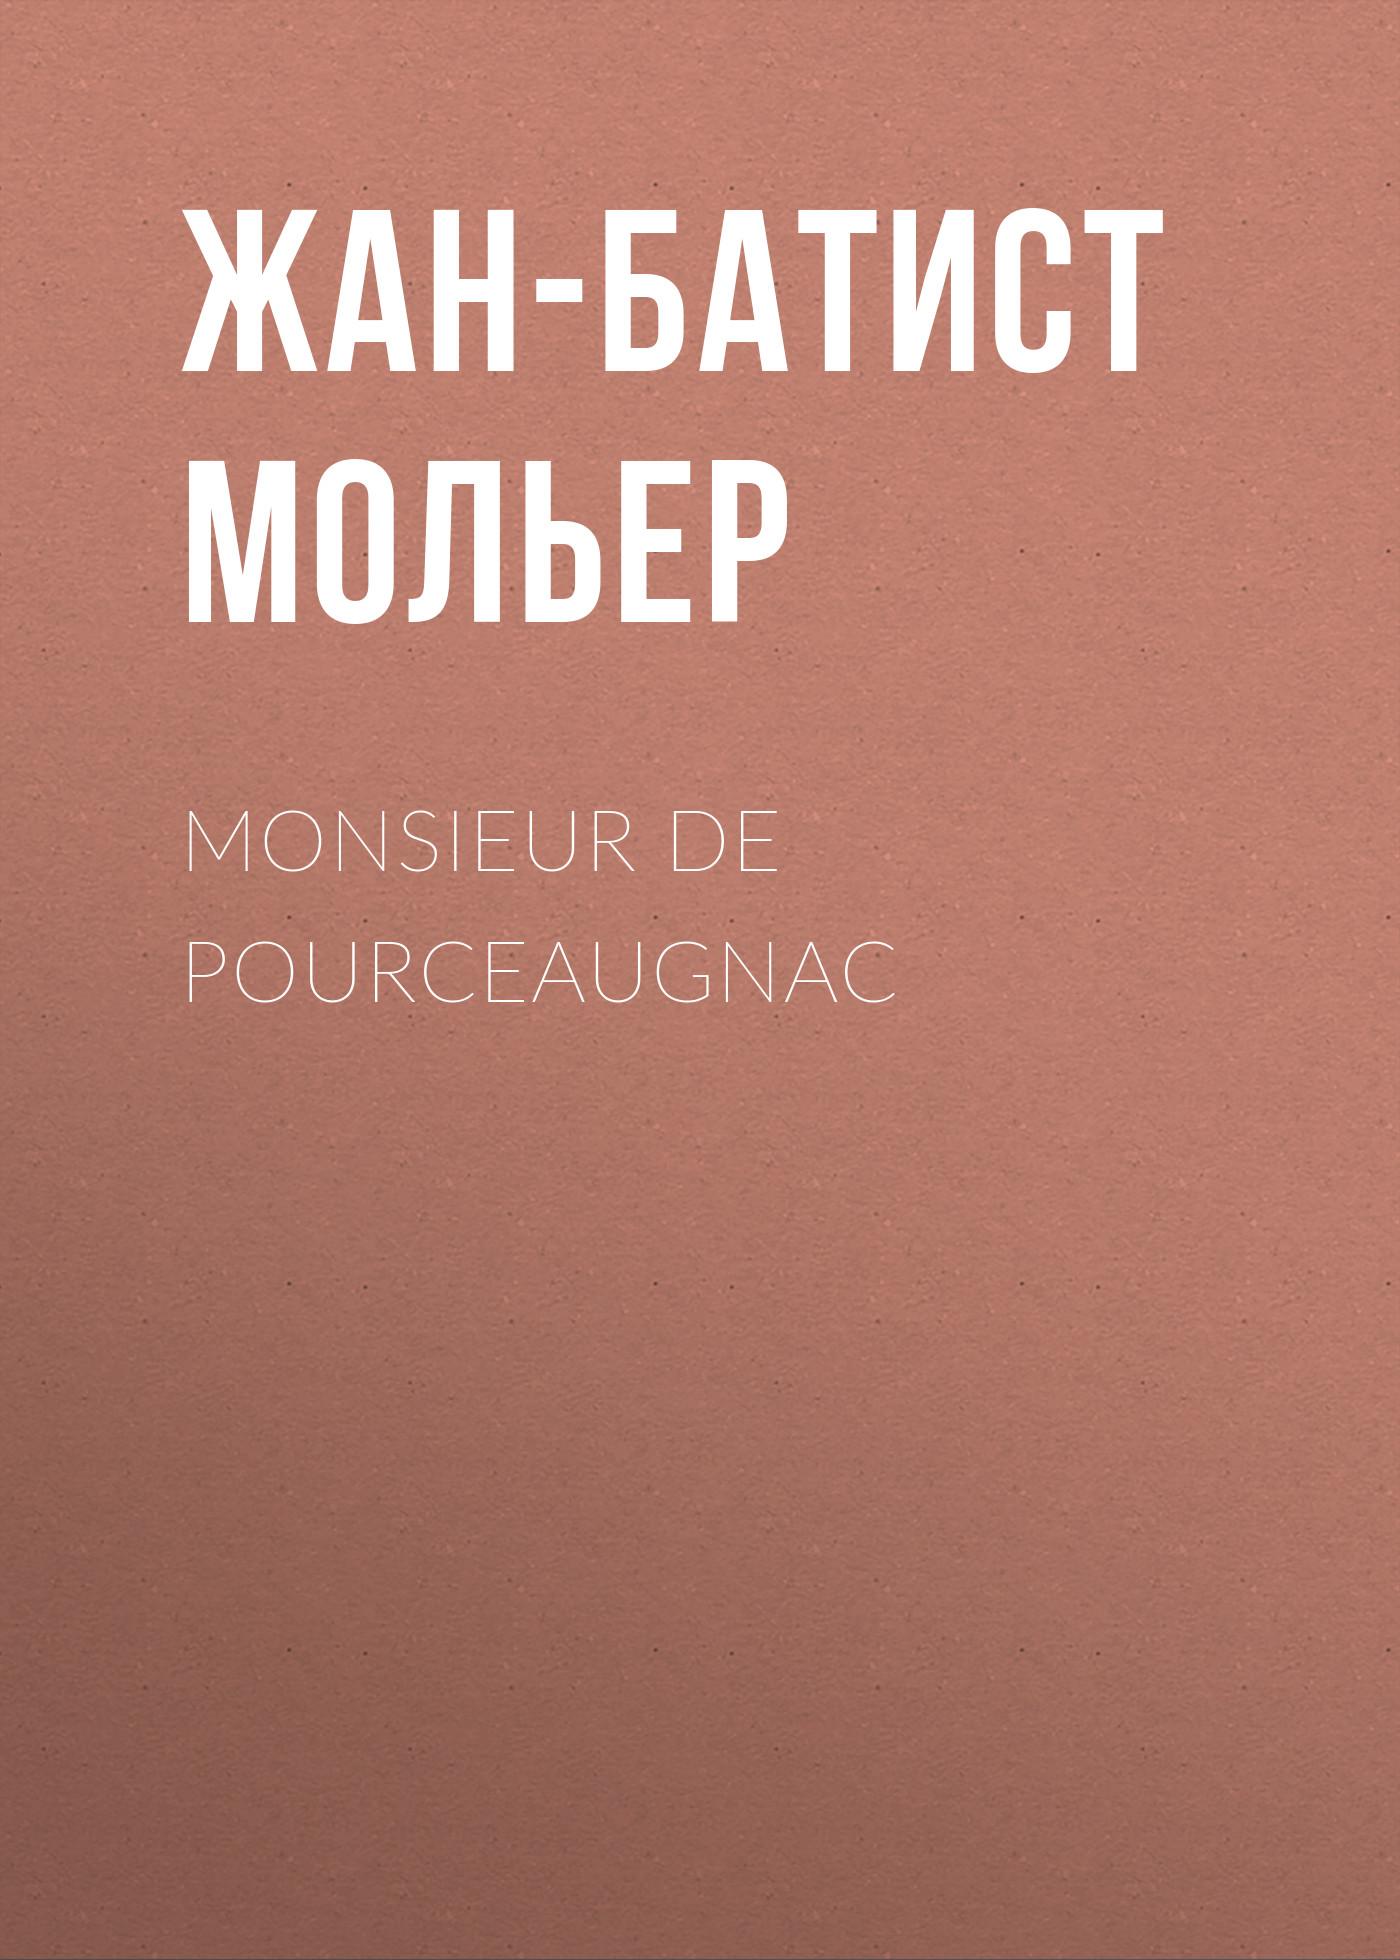 Жан-Батист Мольер Monsieur De Pourceaugnac жан батист мольер monsieur de pourceaugnac